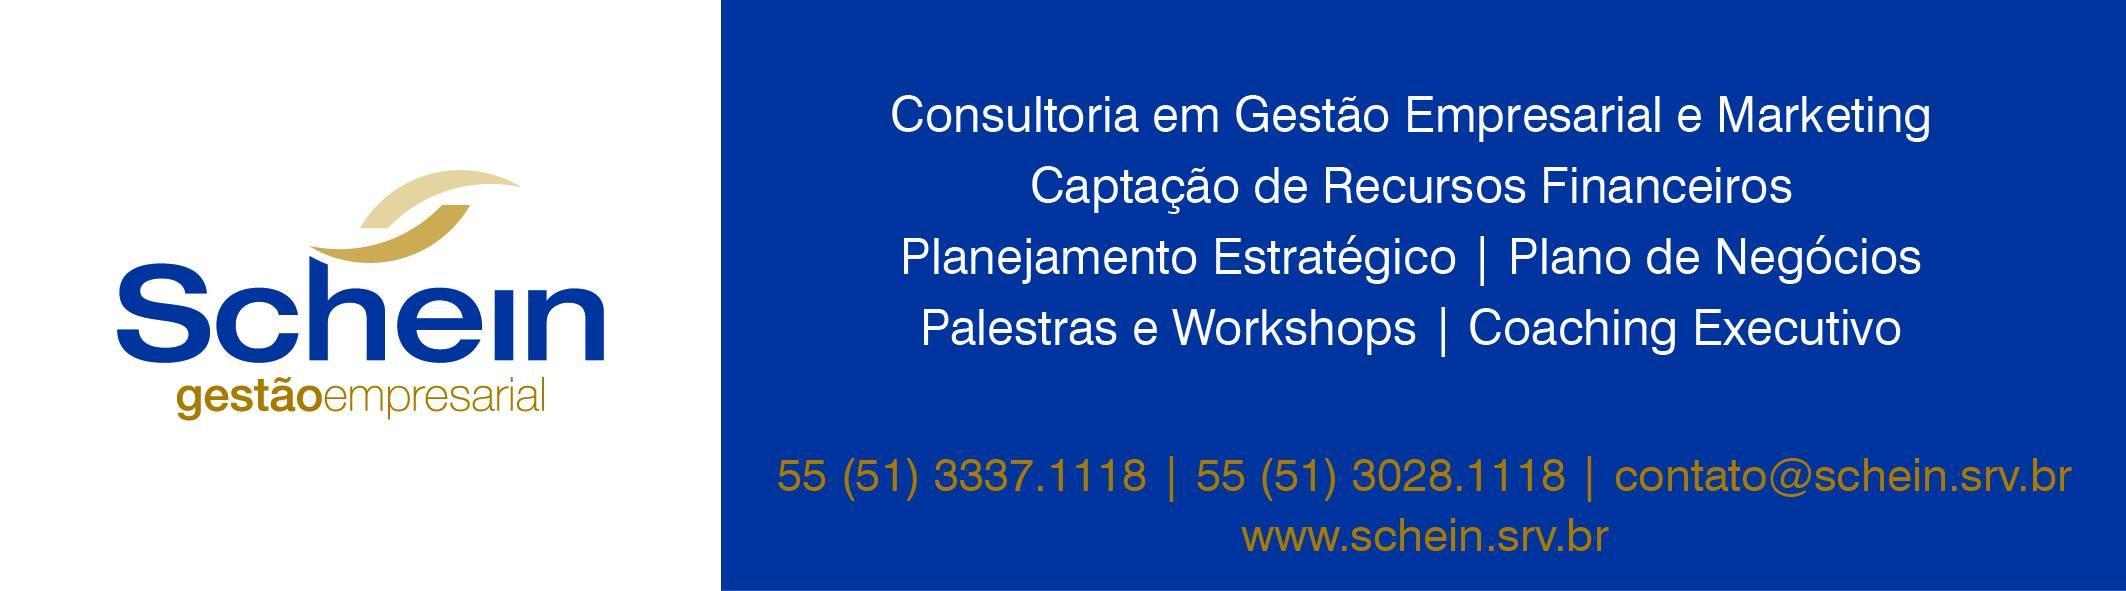 schein-gestao-empresarial_anuncio